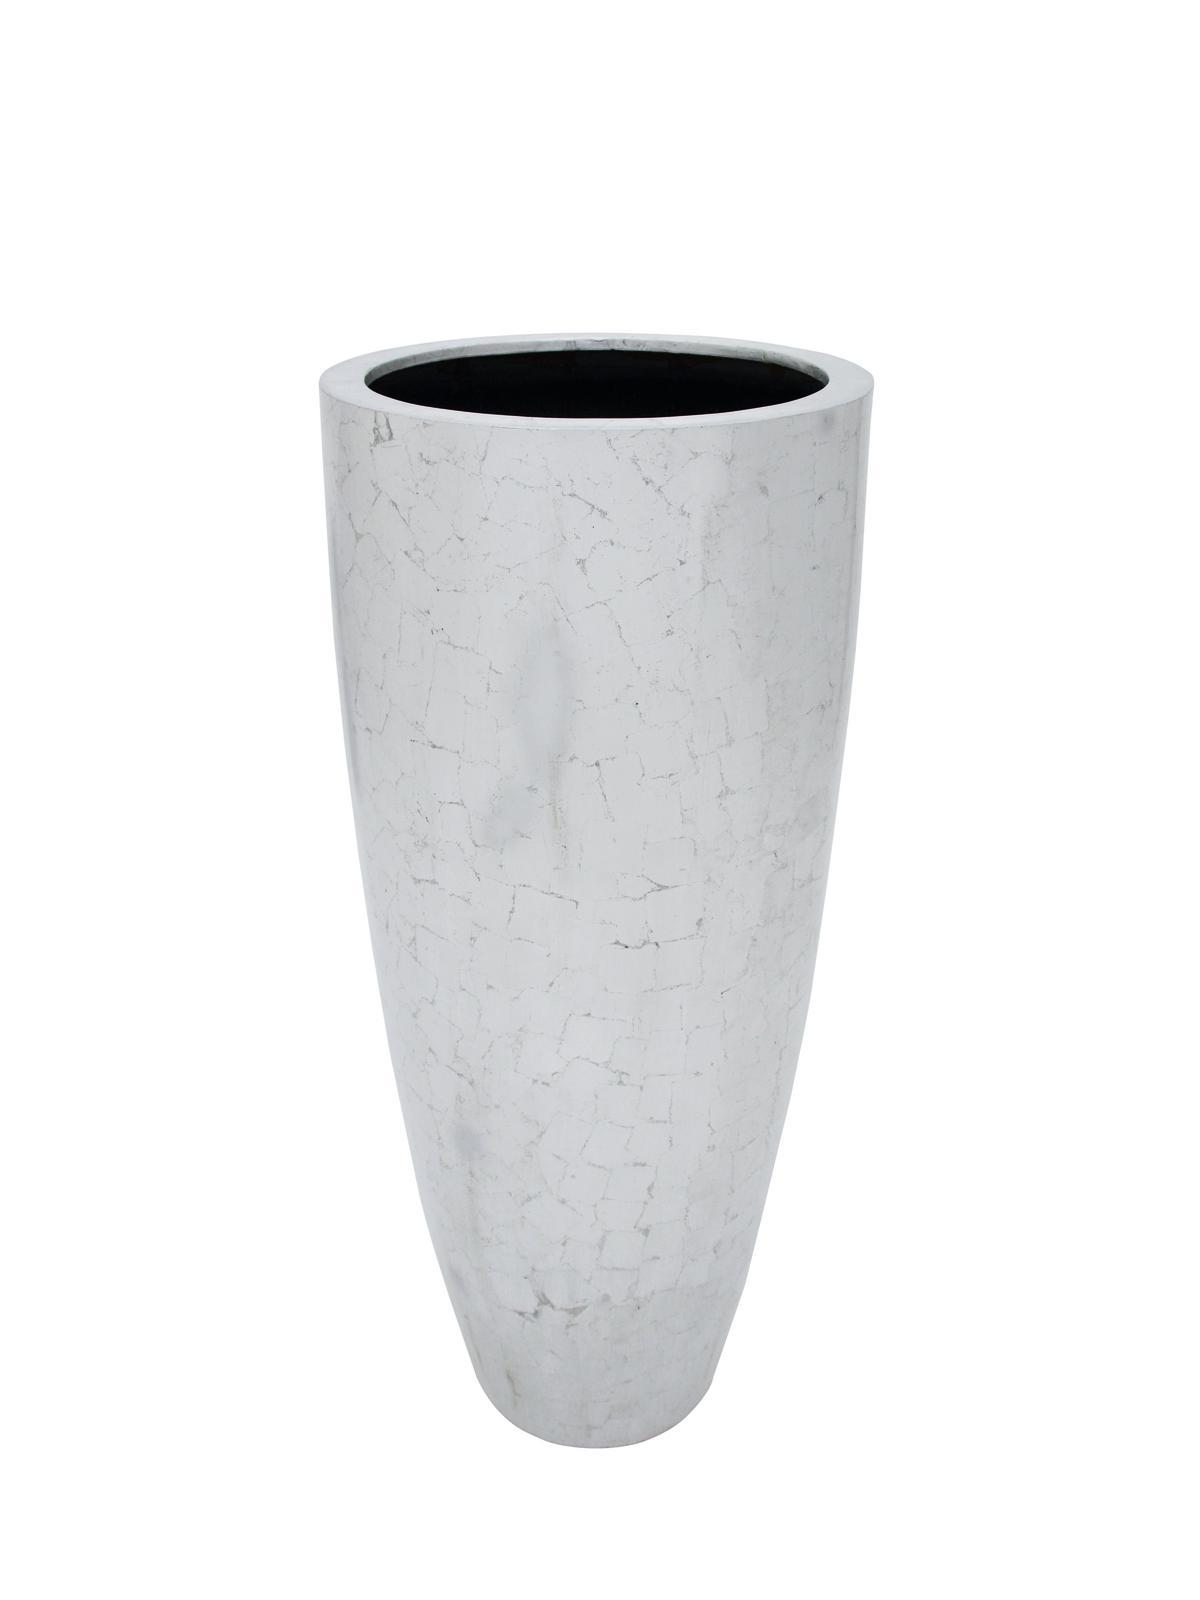 LEICHTSIN DELUXE-120, antický květináč, stříbrný